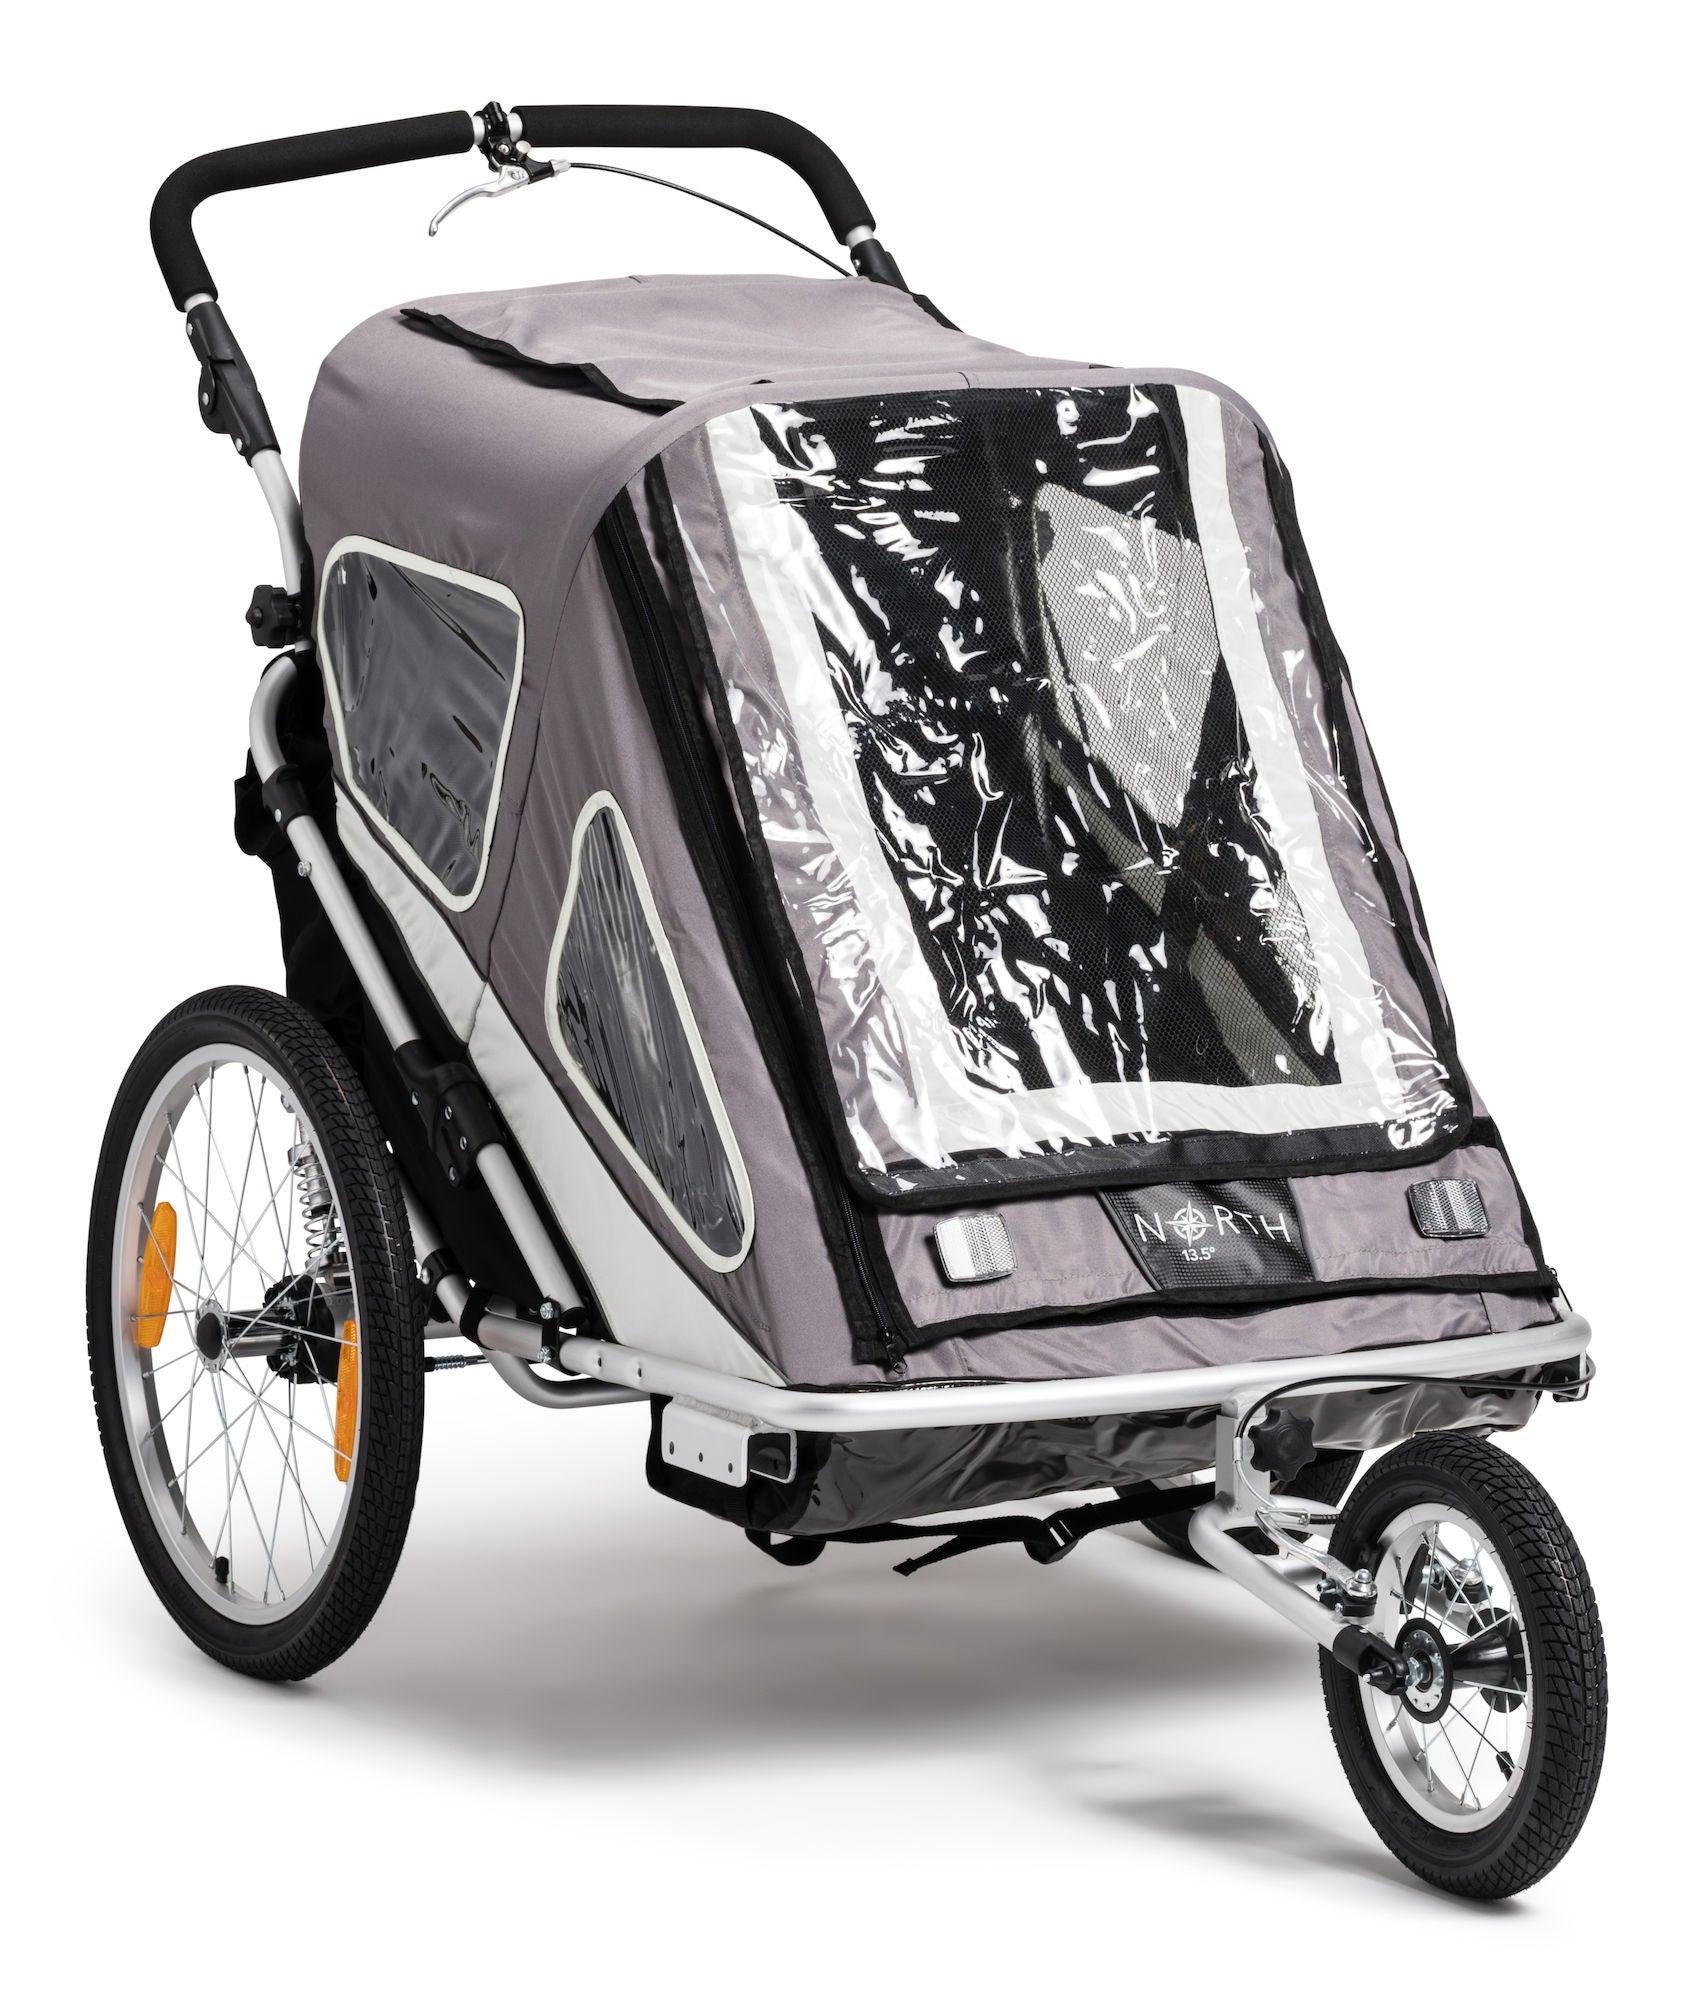 North 13.5 Speeder 2 Cykelvagn, Grey